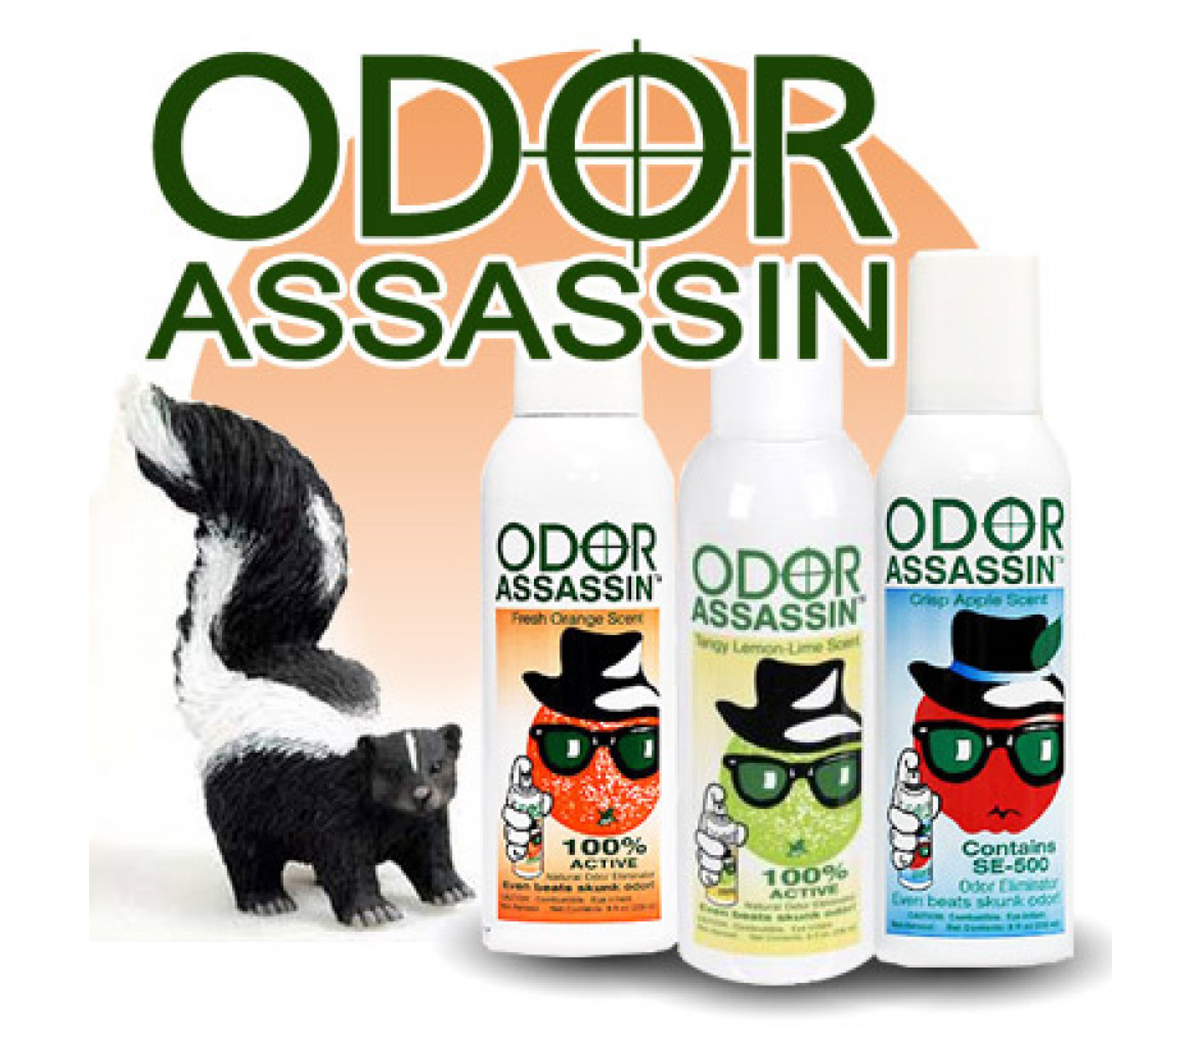 Odor Assassin